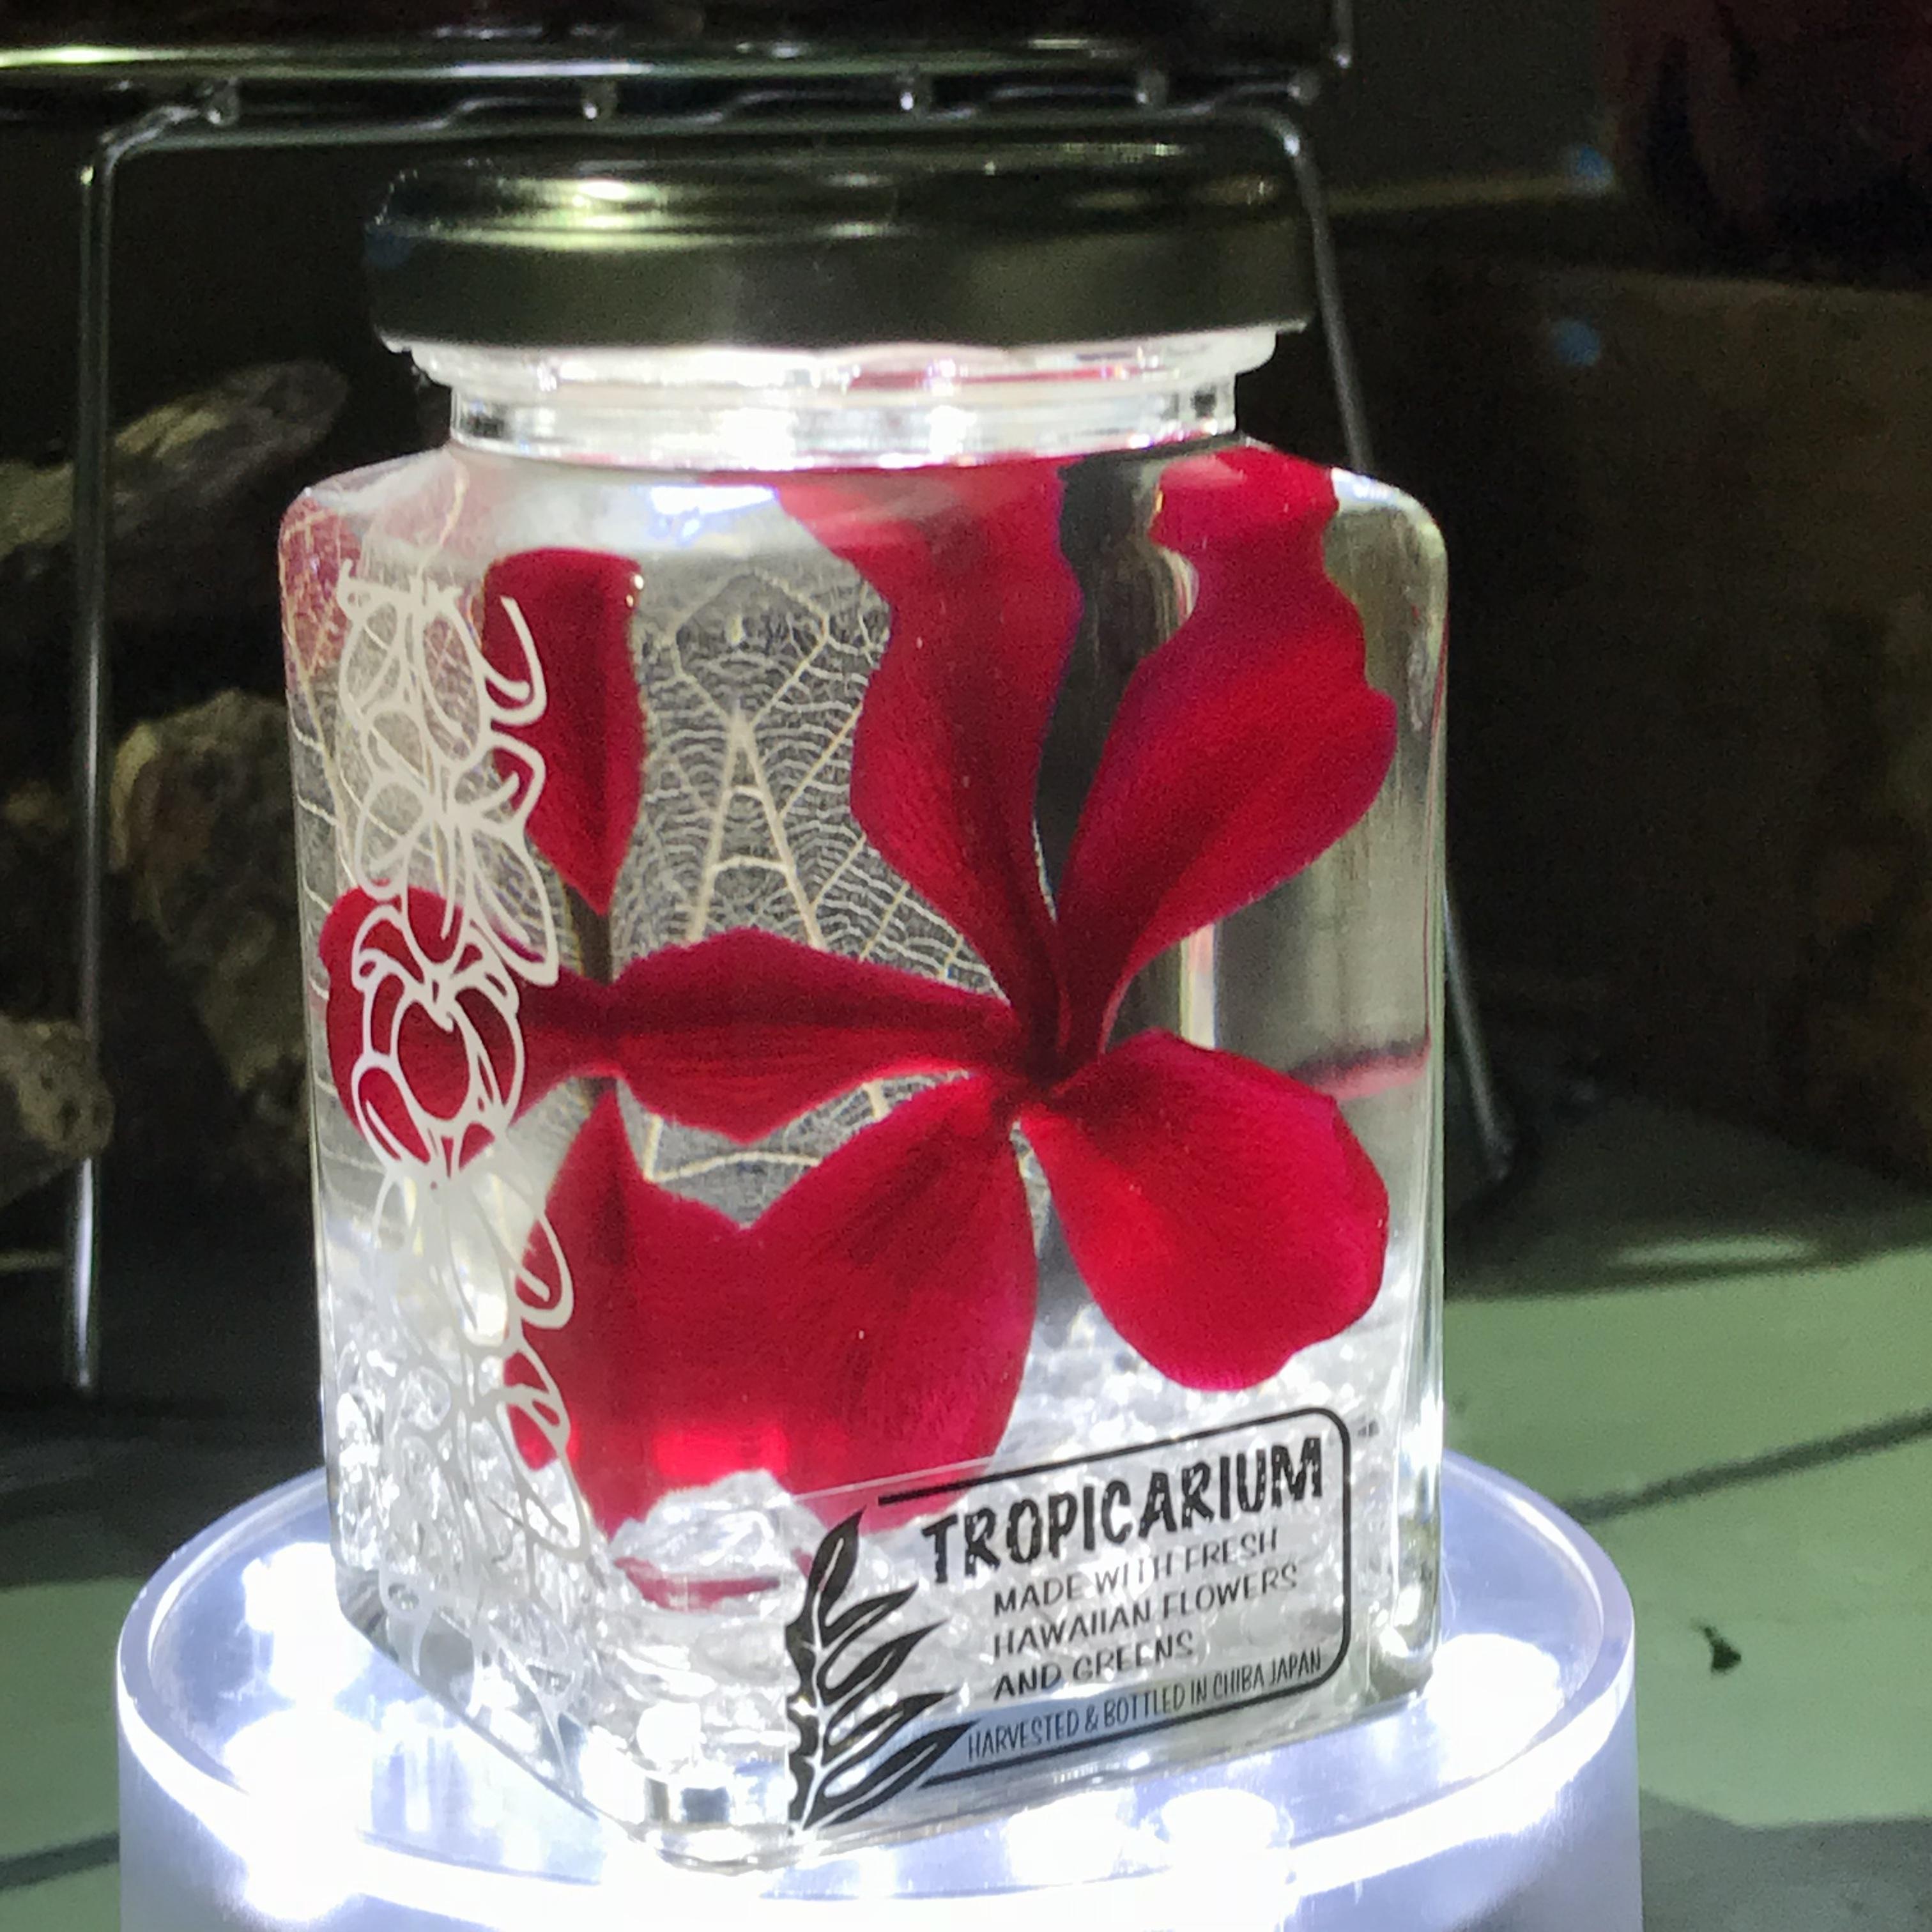 【Hawaiianpaint KANボトル】幸福を呼ぶプルメリアのトロピカリウム クラシックレッド・水晶(スタッキングボトル・プリザーブド・クリスタルクオーツ使用)